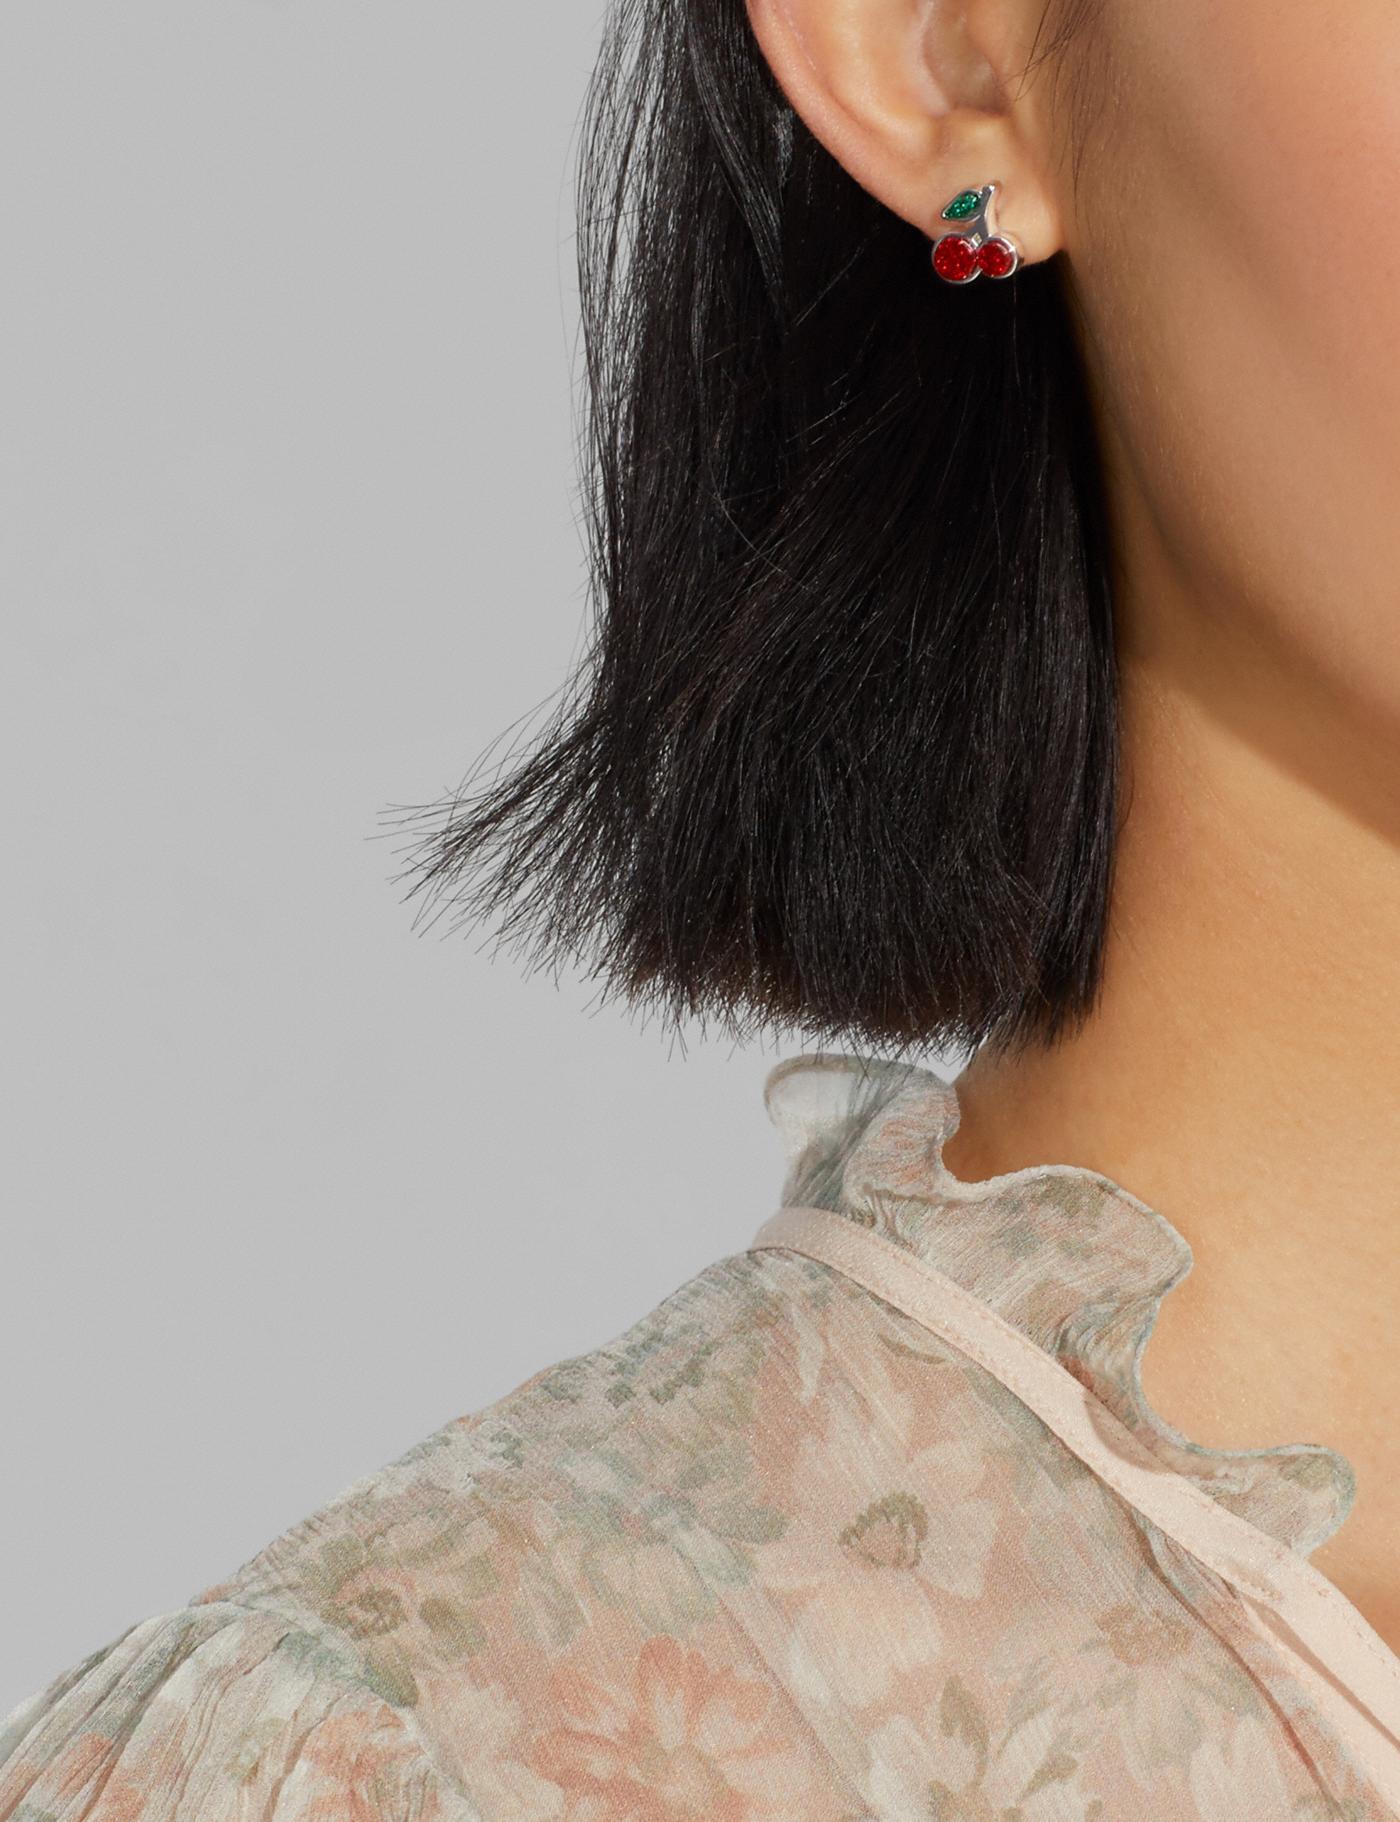 Coach fruit earrings